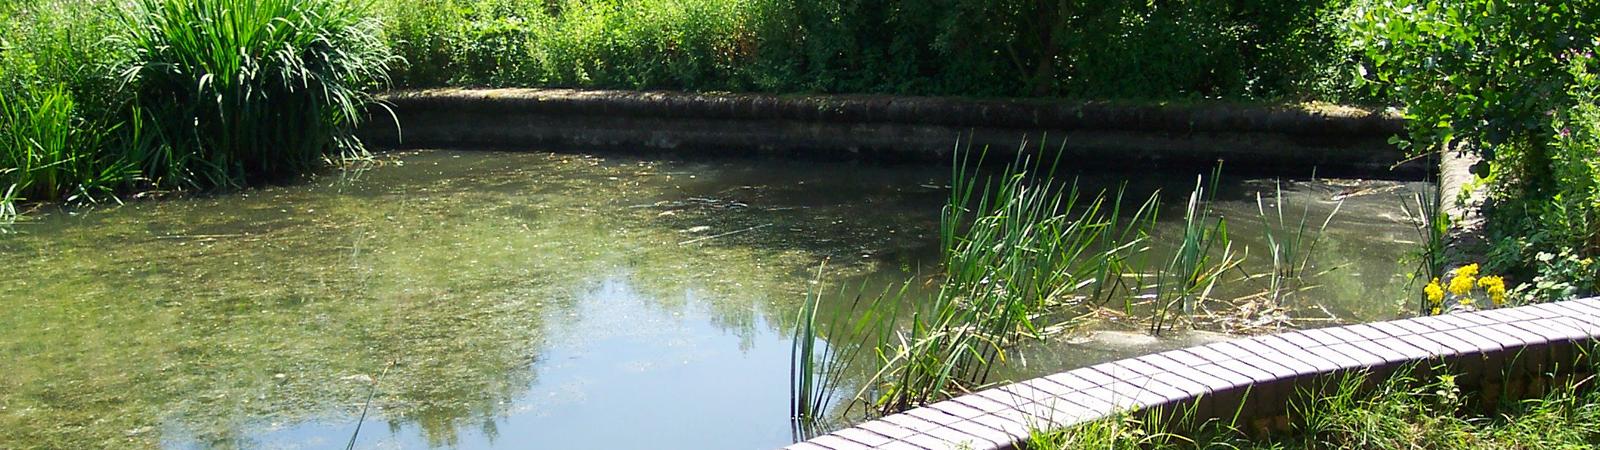 Canal Basin Donnington